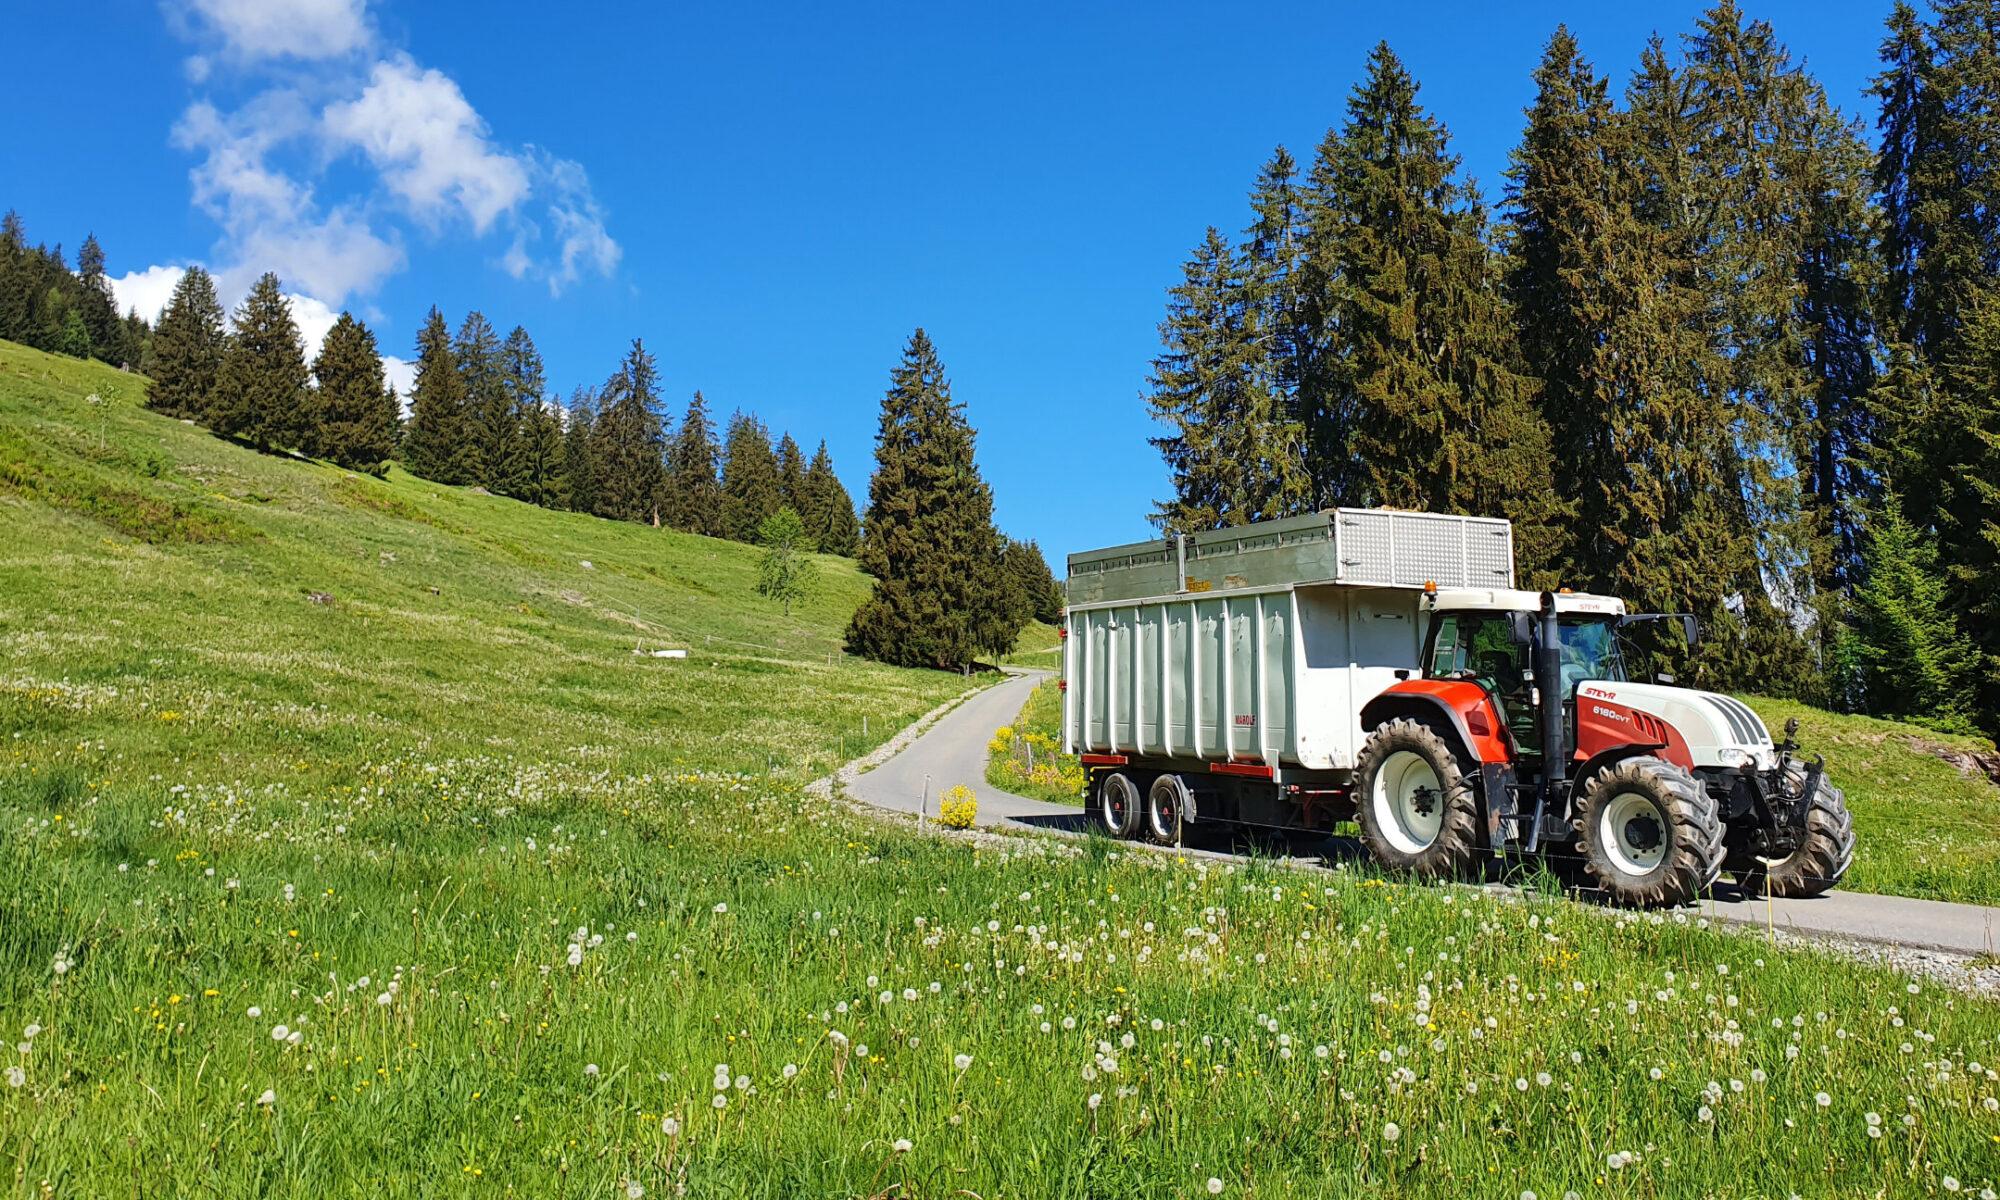 Ackermann Lohnunternehmen und Landwirtschaftsbetrieb